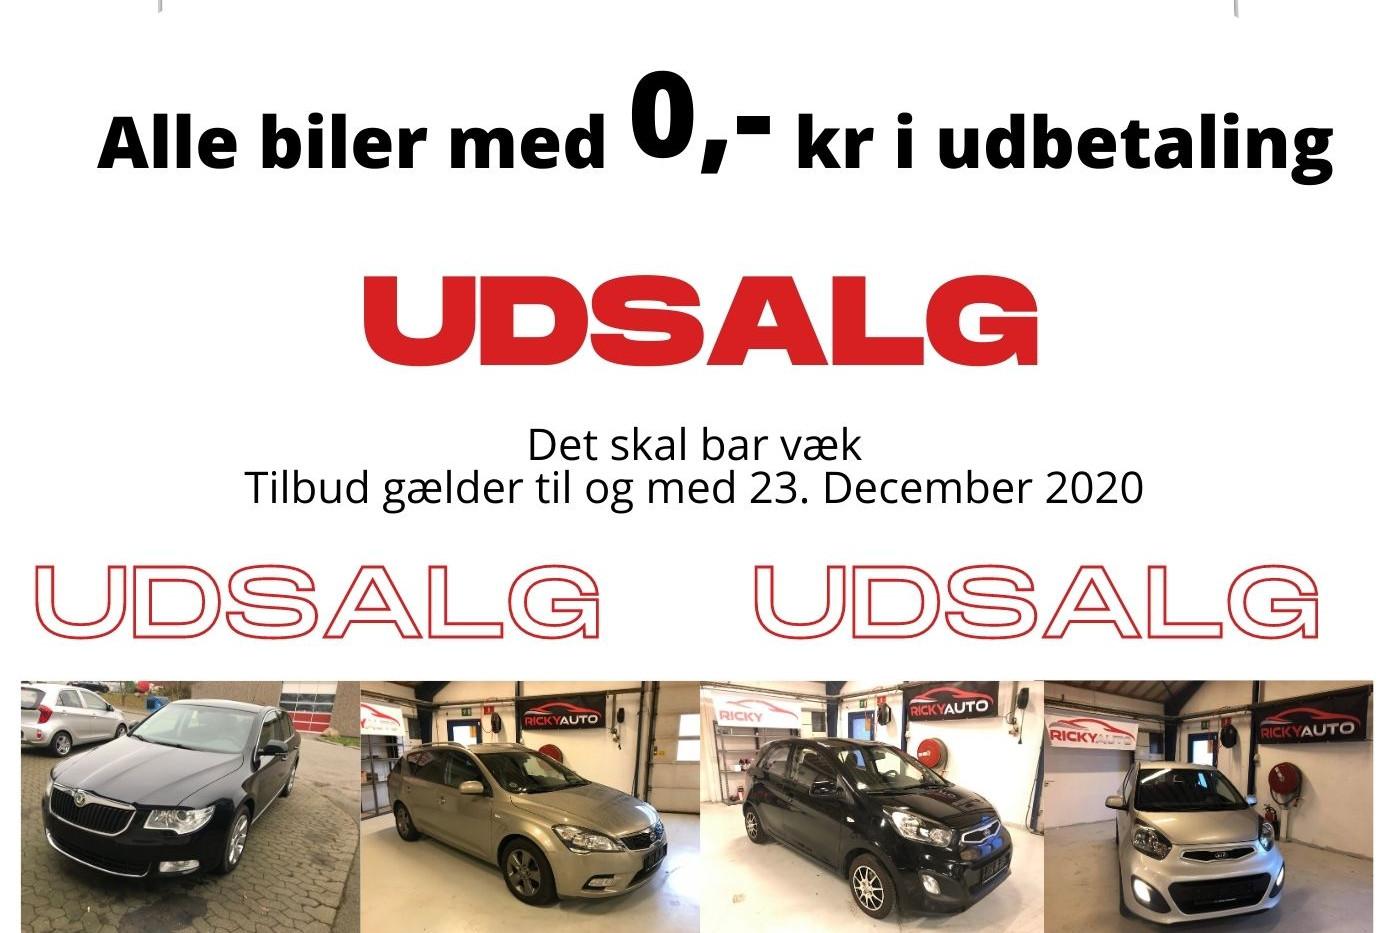 Picture Udsalg - Biler.jpg